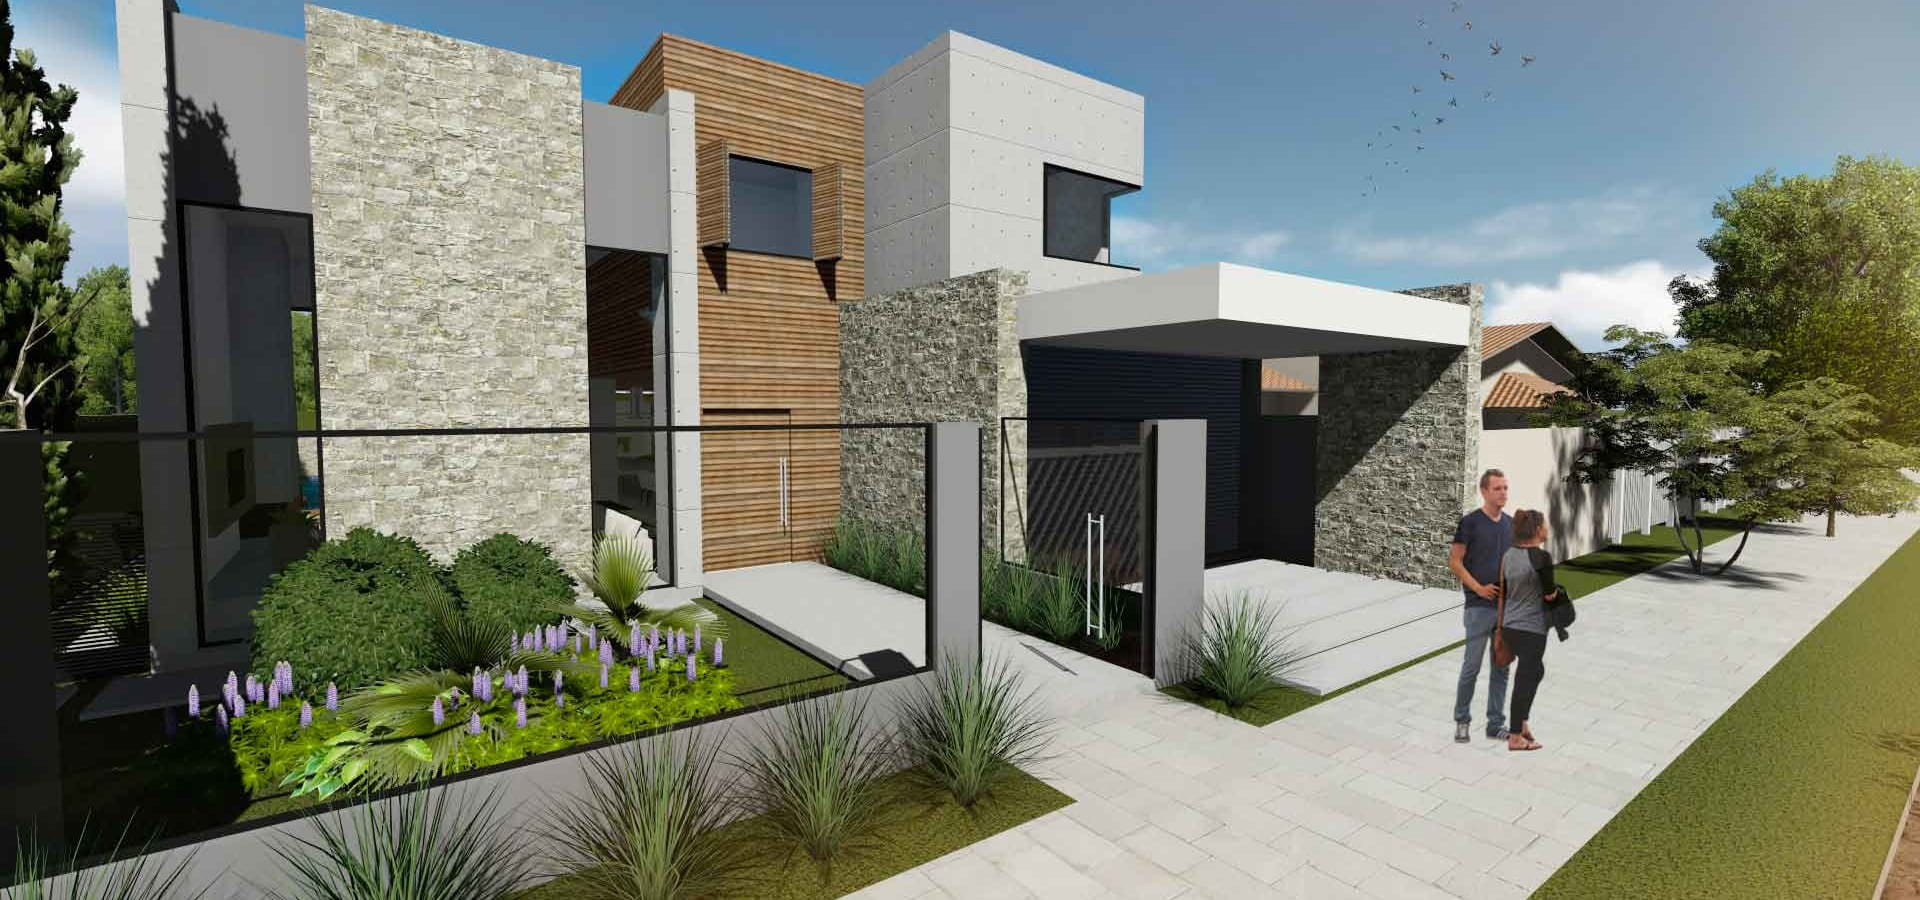 DK arquitetos